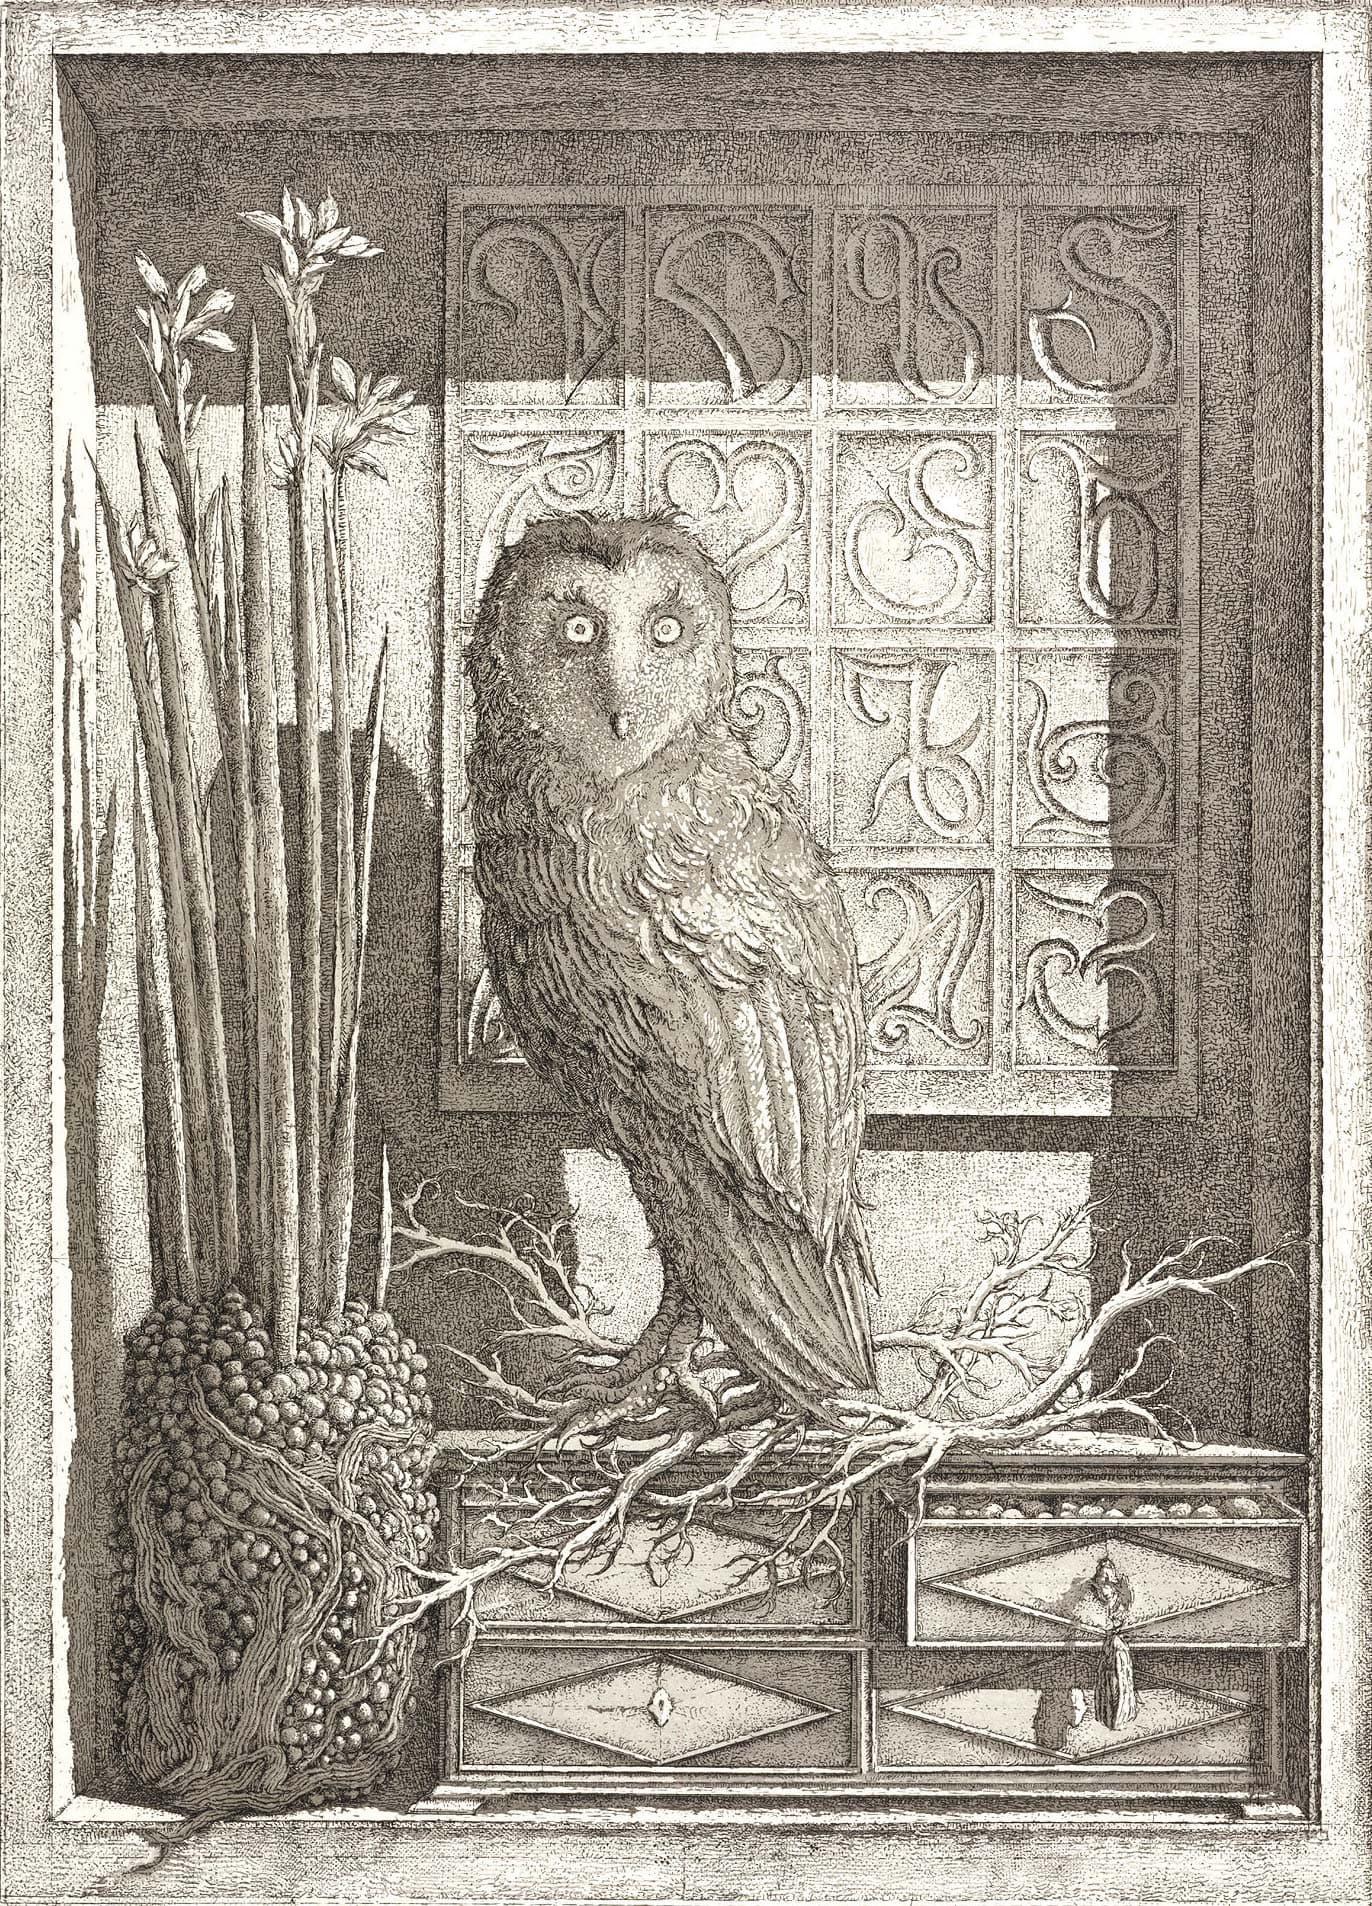 Érik Desmazières - L'Oiseau de Minerve